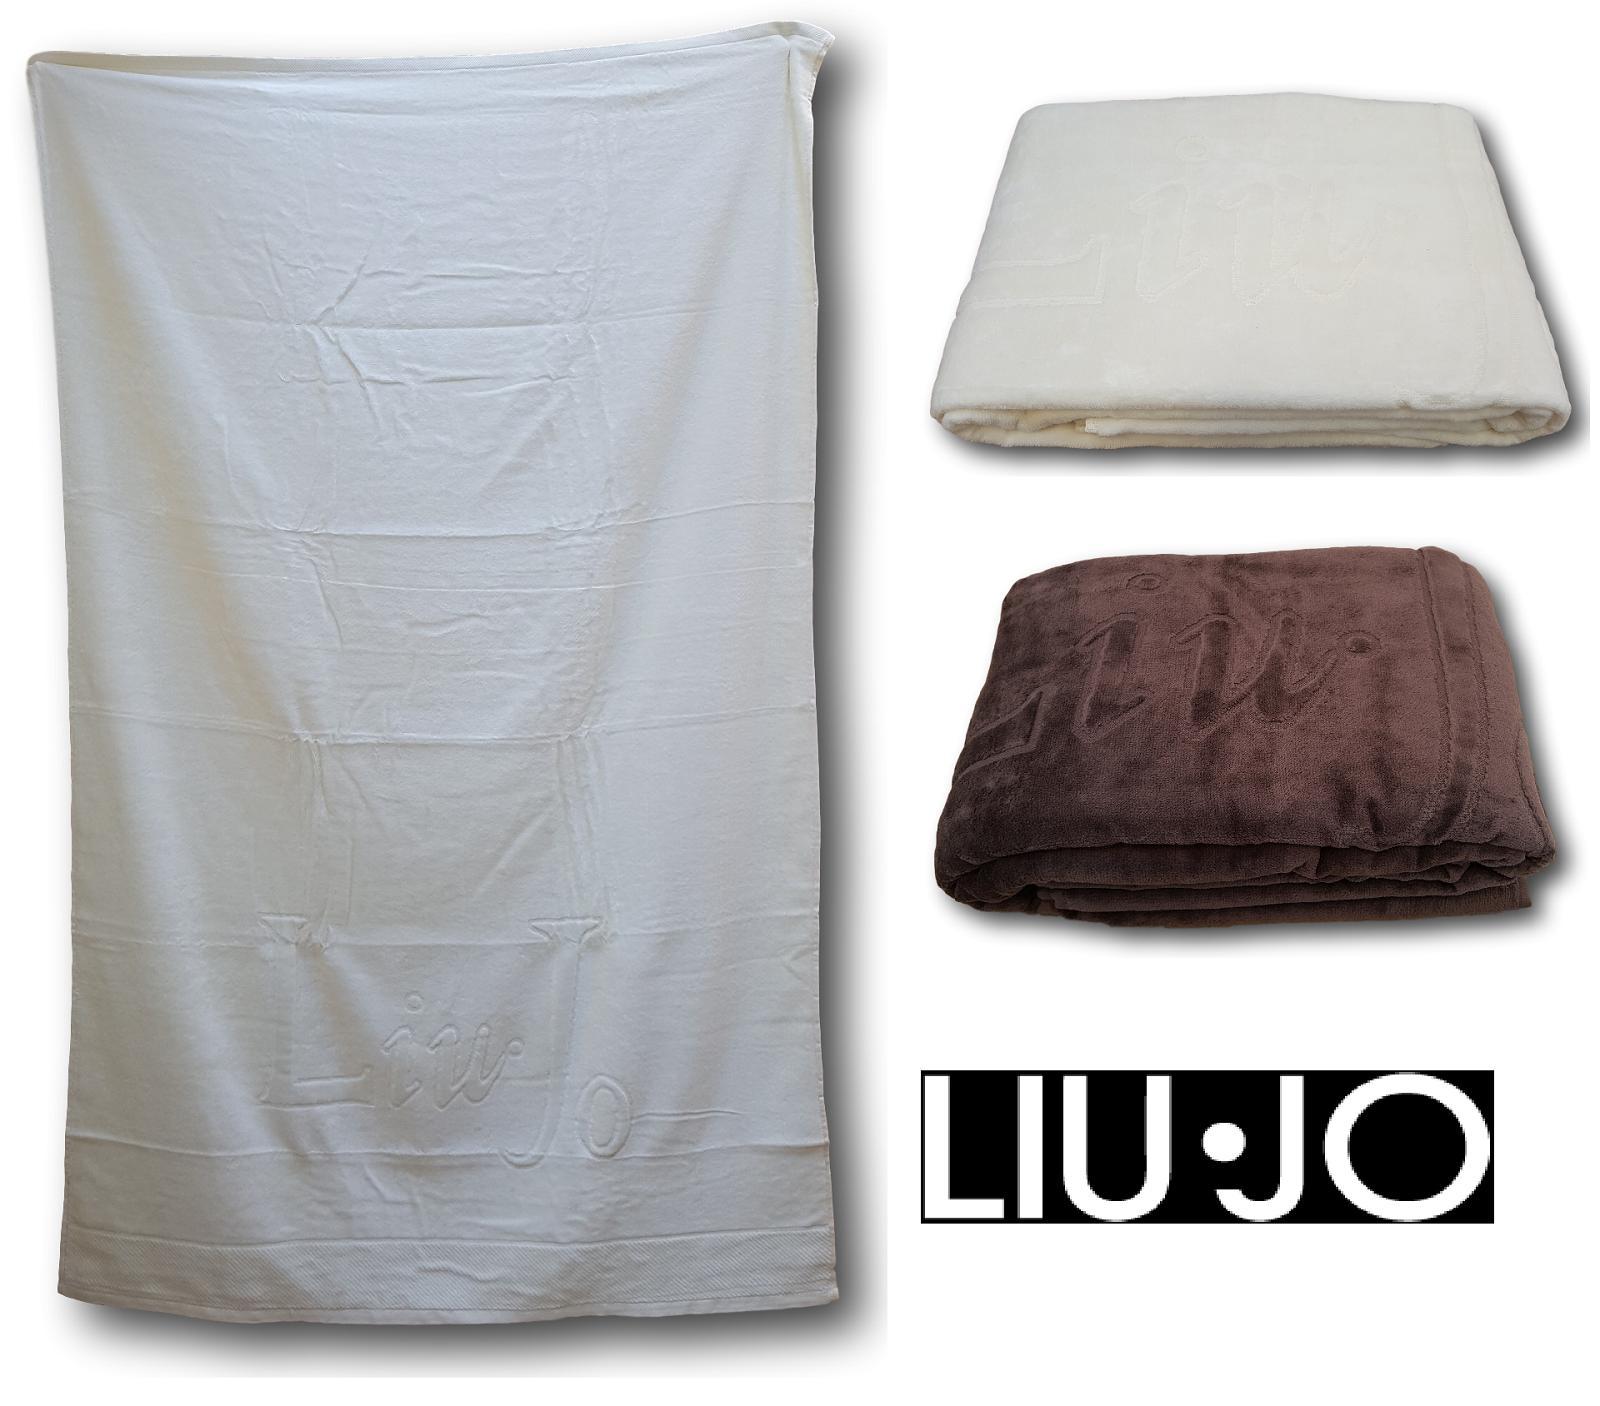 LIU JO HOME Telo Bagno, asciugamano doccia Spugna cimata 100% Cotone CIMA LB293B